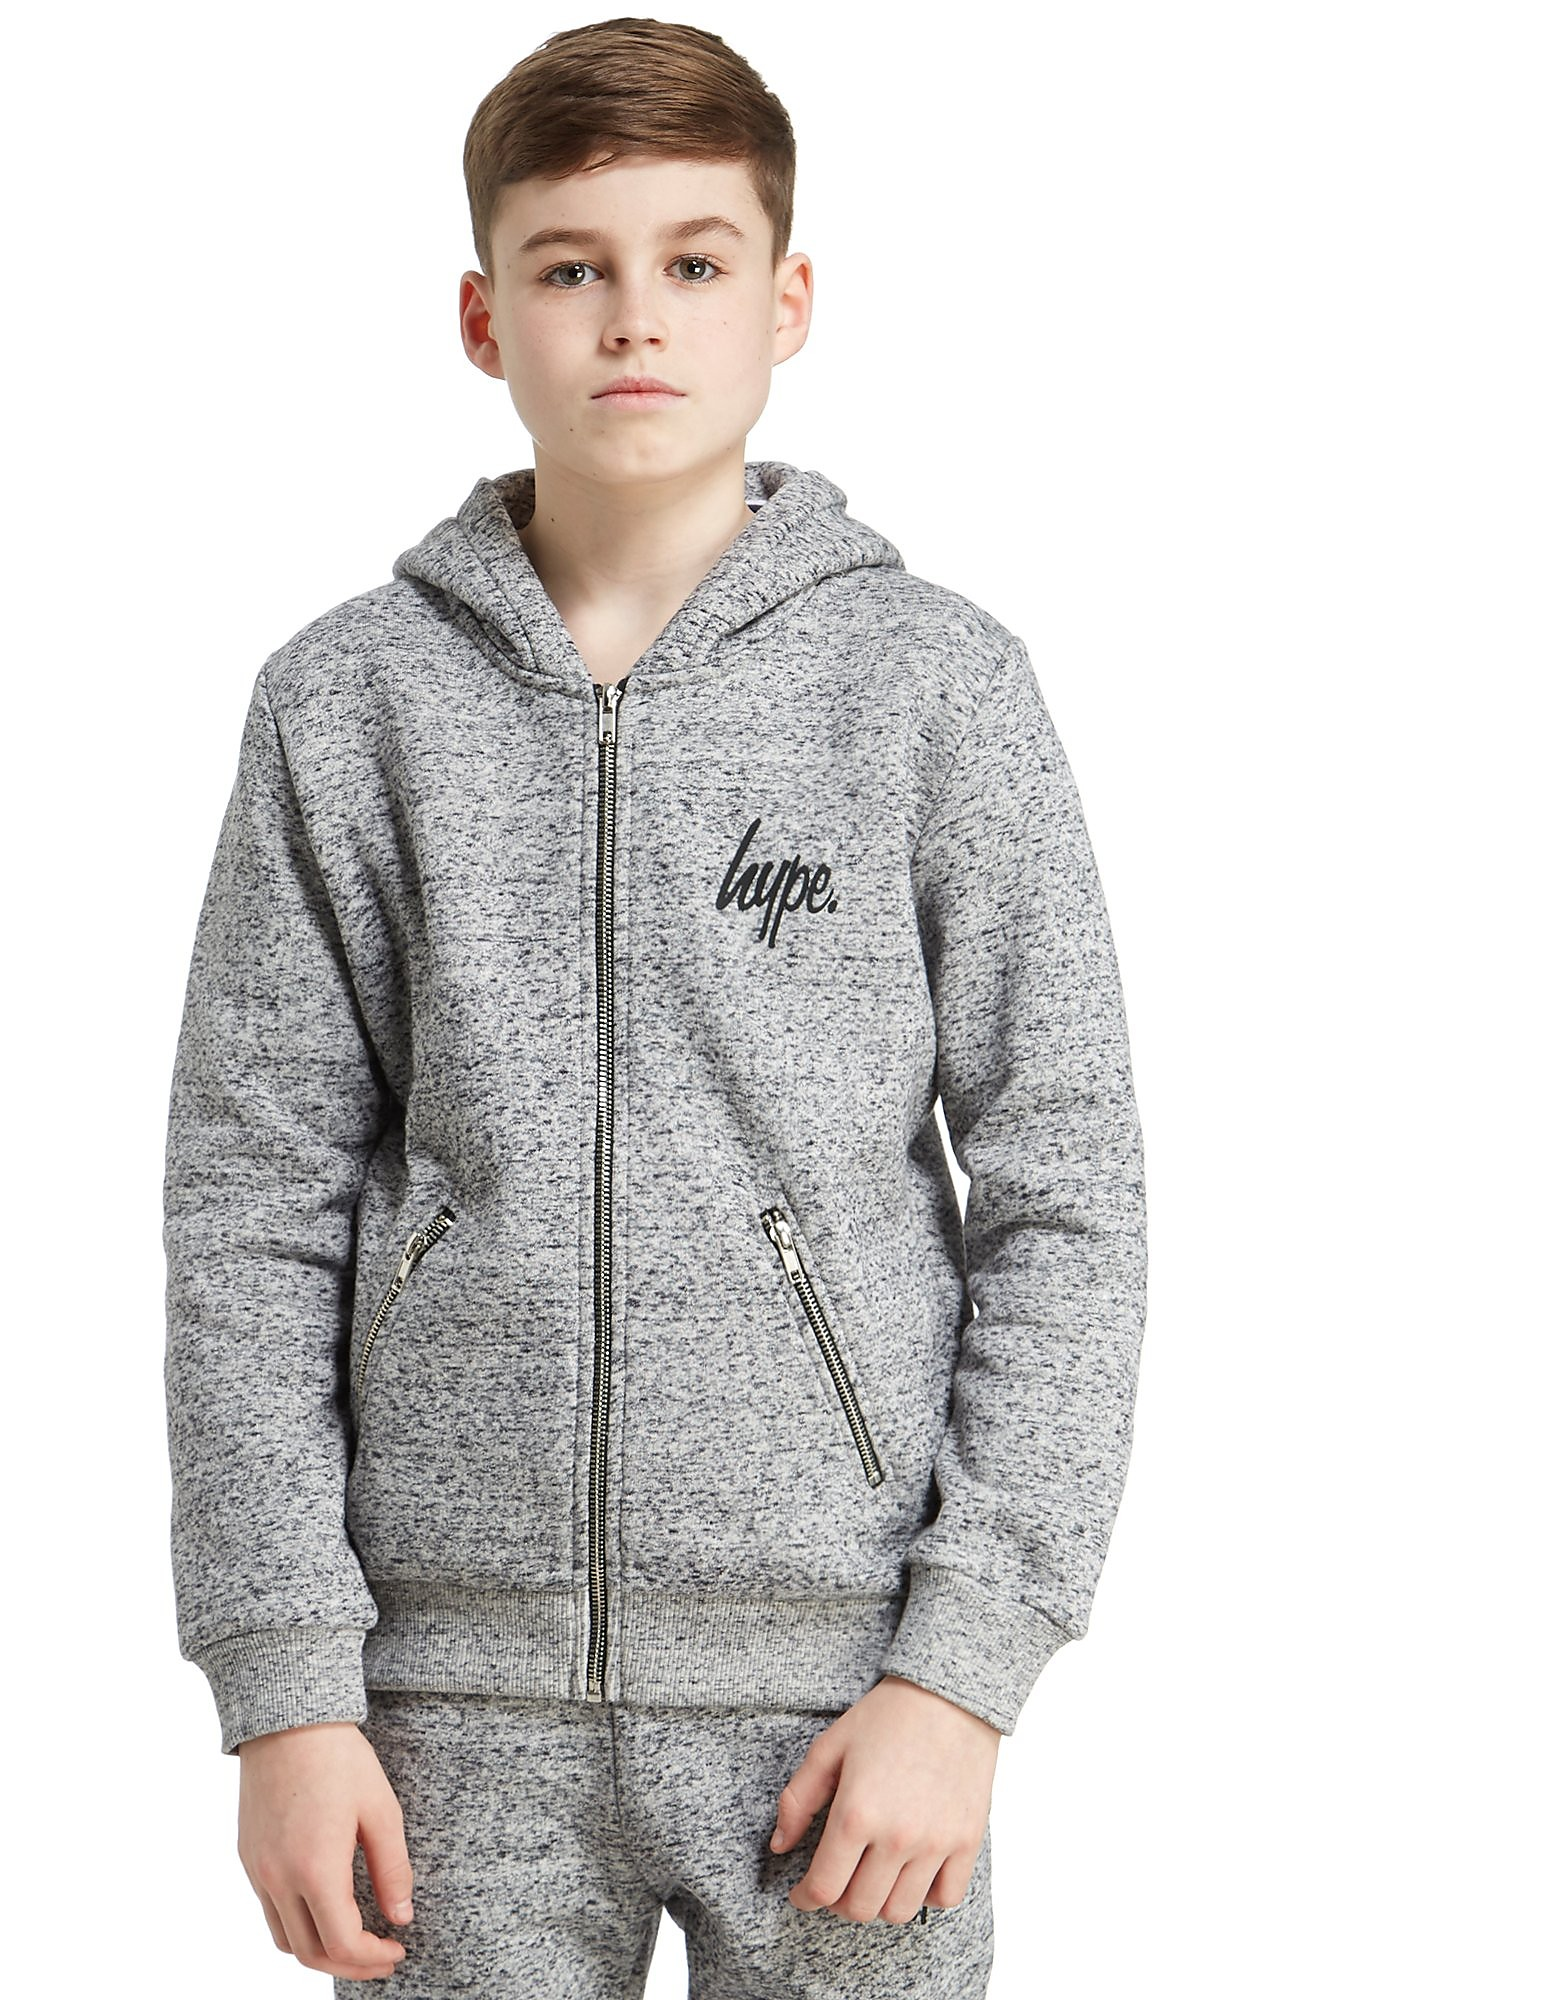 Hype Zip Pocket Hoody Junior